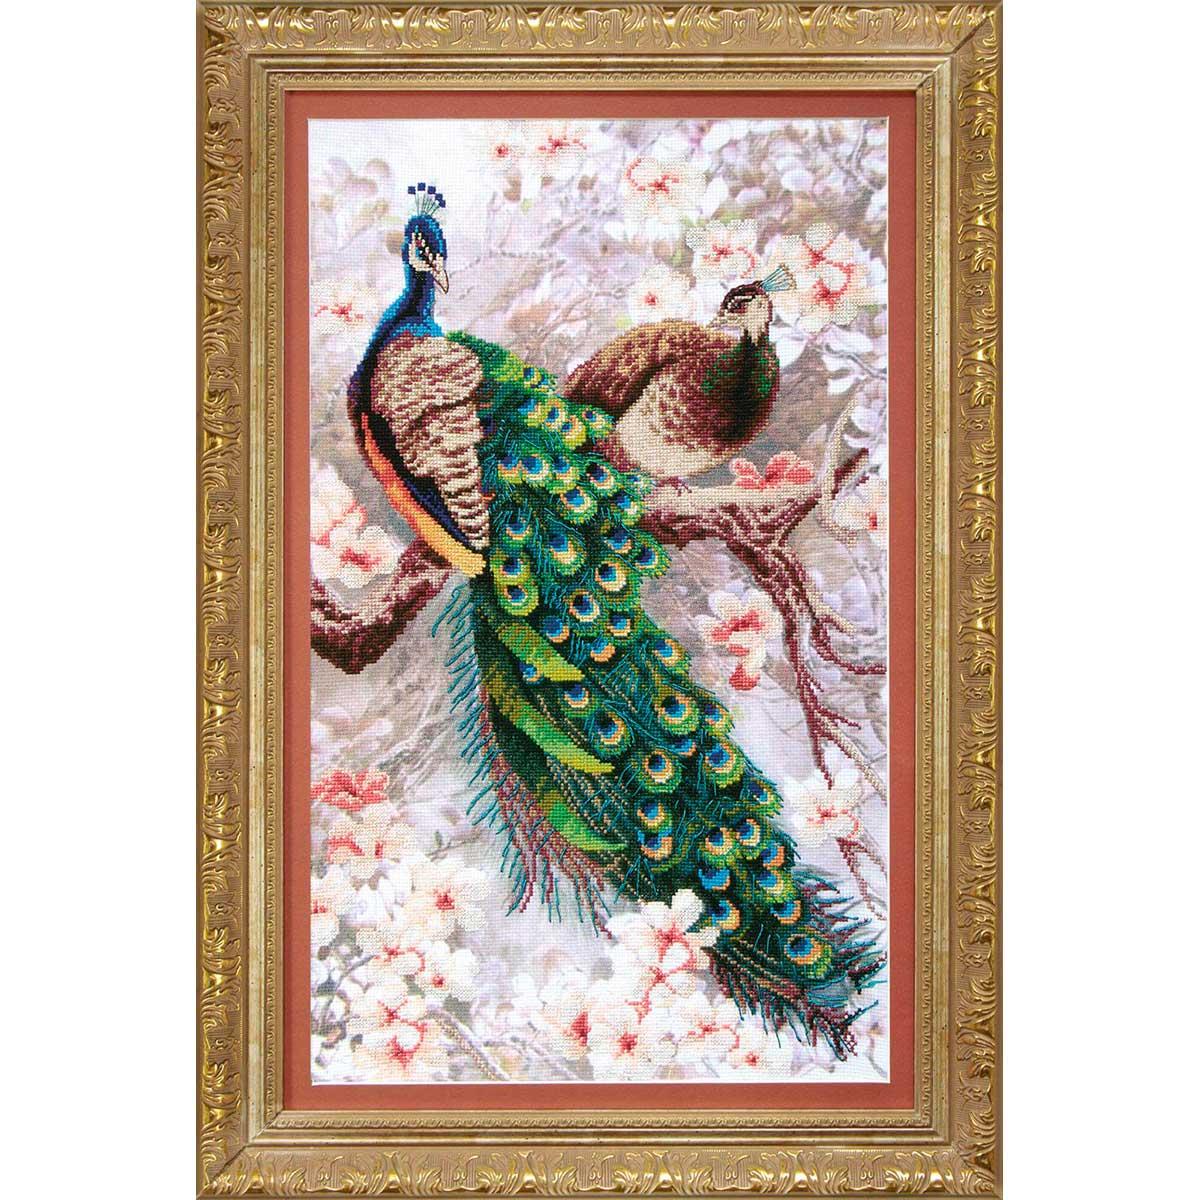 ВТ-519 Набор для вышивания Crystal Art 'Два павлина в цветущей магнолии' 26*44см